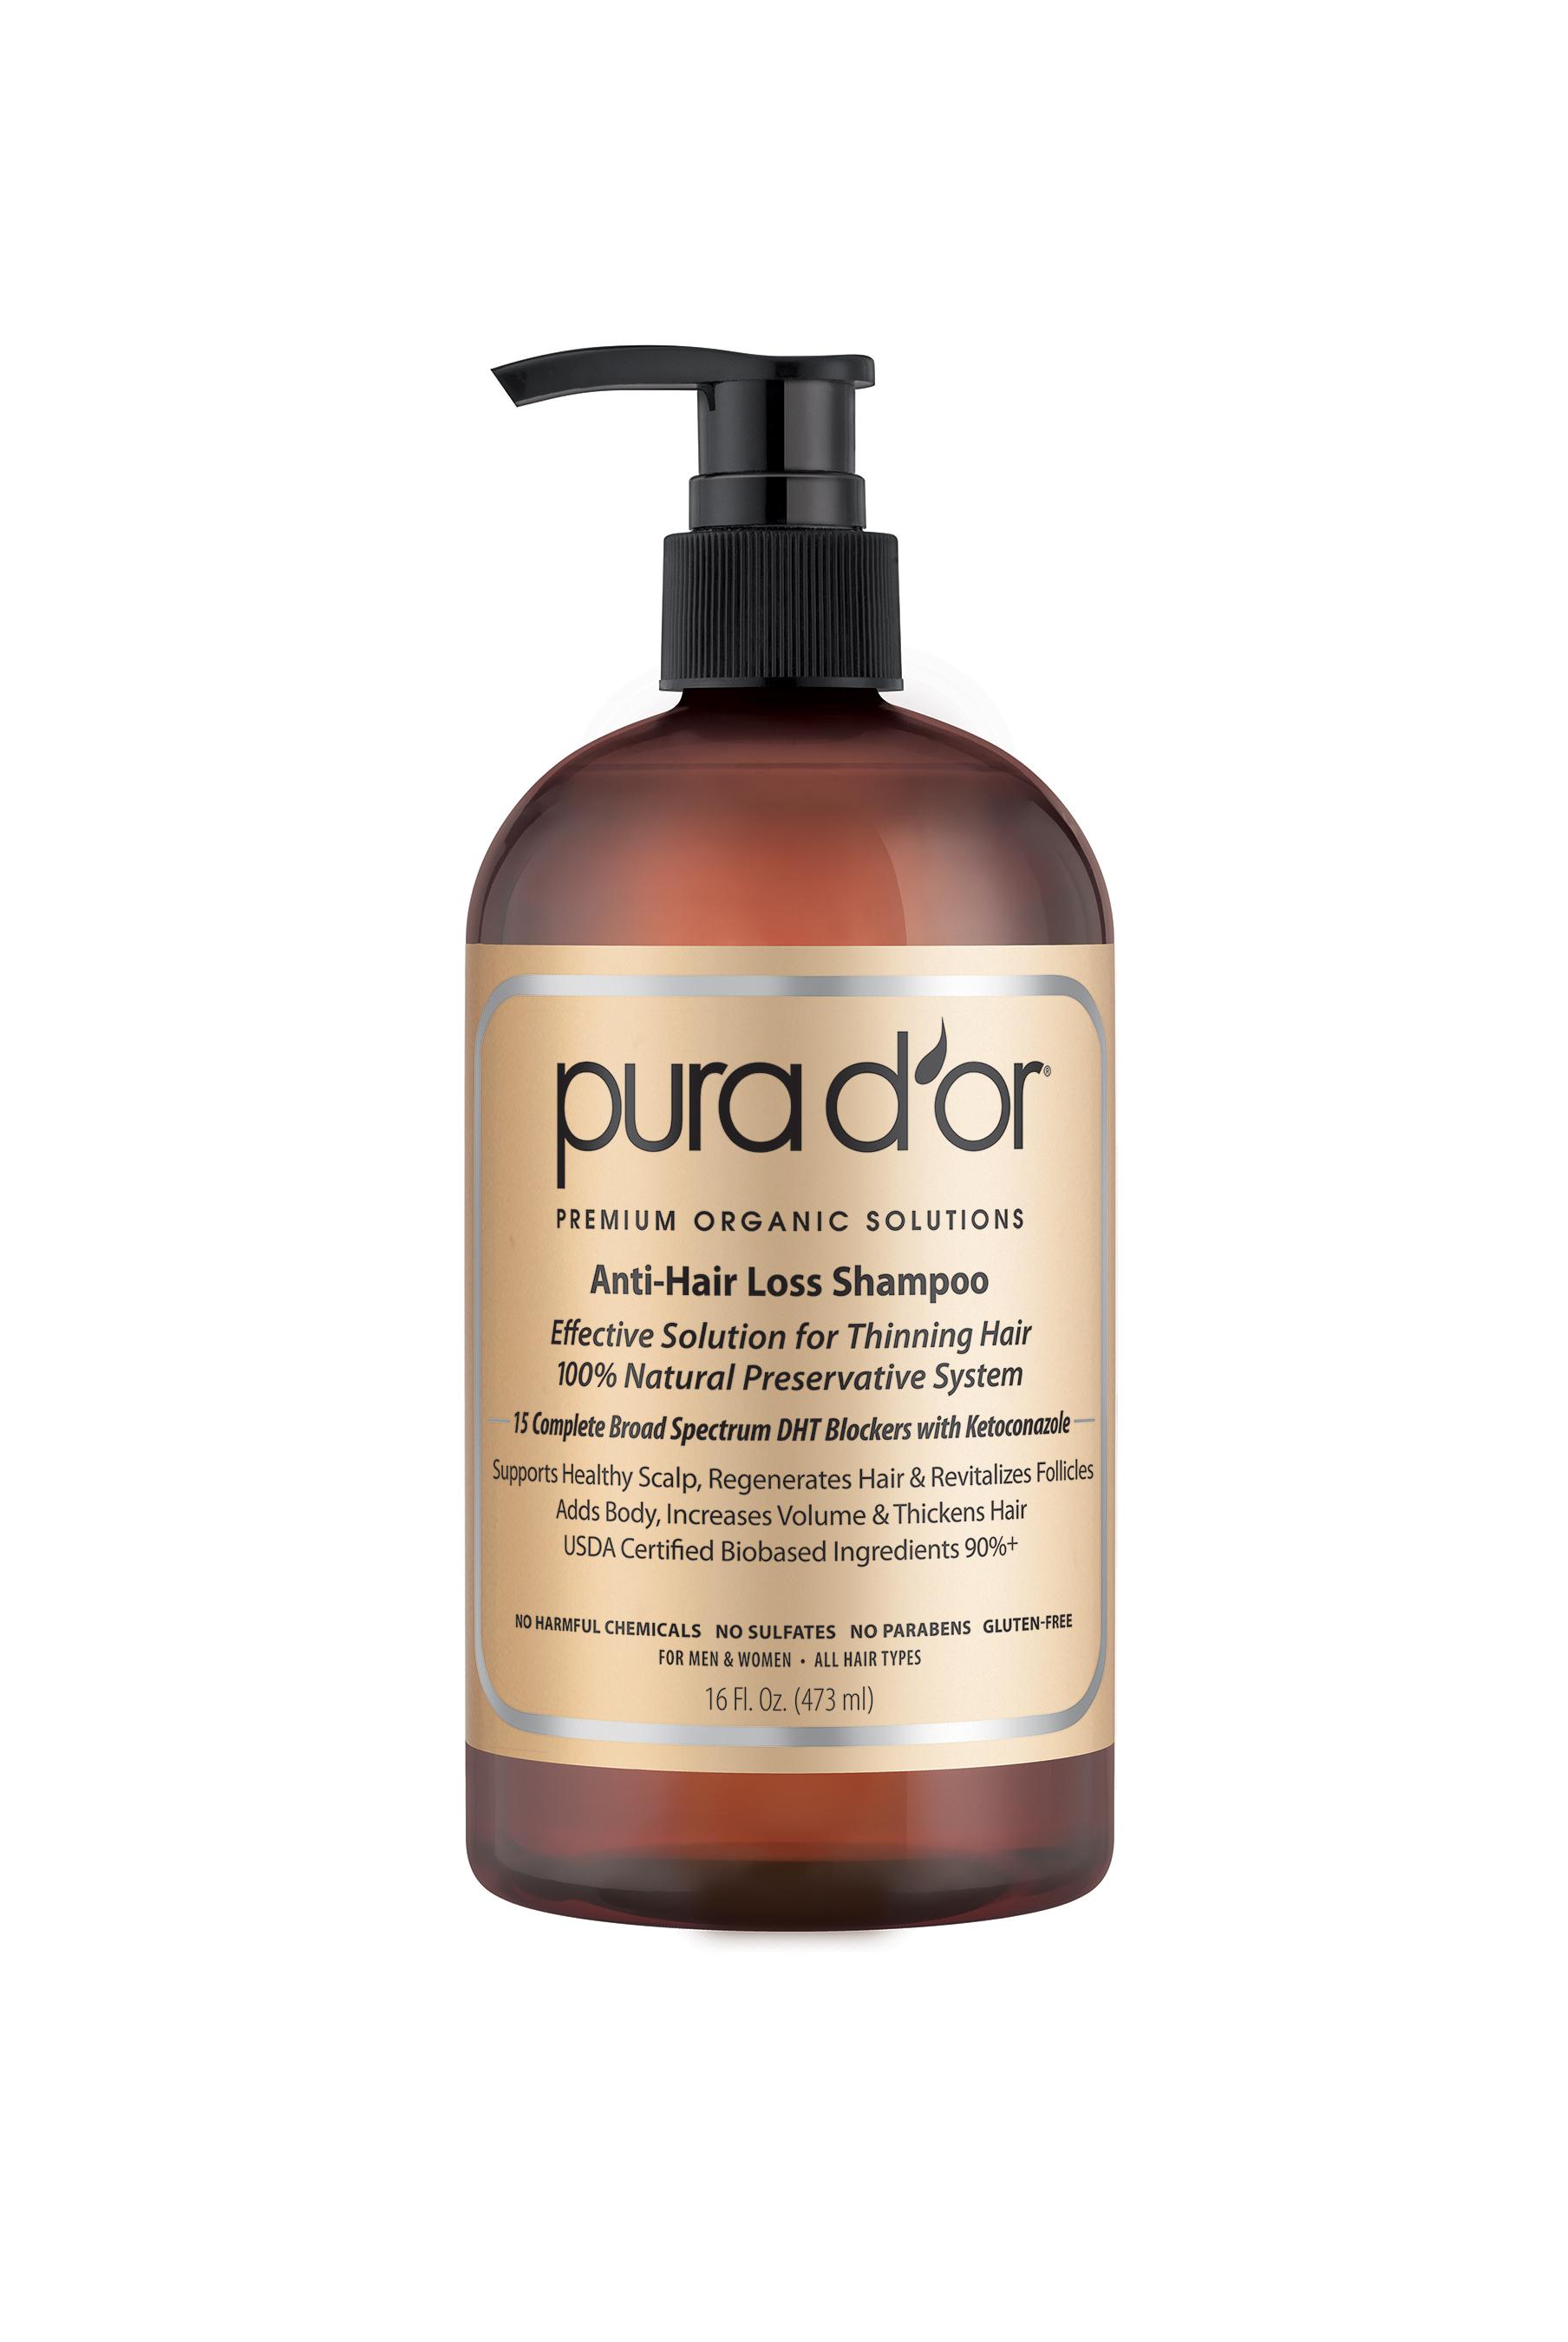 Pura D'or Premium Organic Anti-Hair Loss Shampoo, 16 Fl Oz